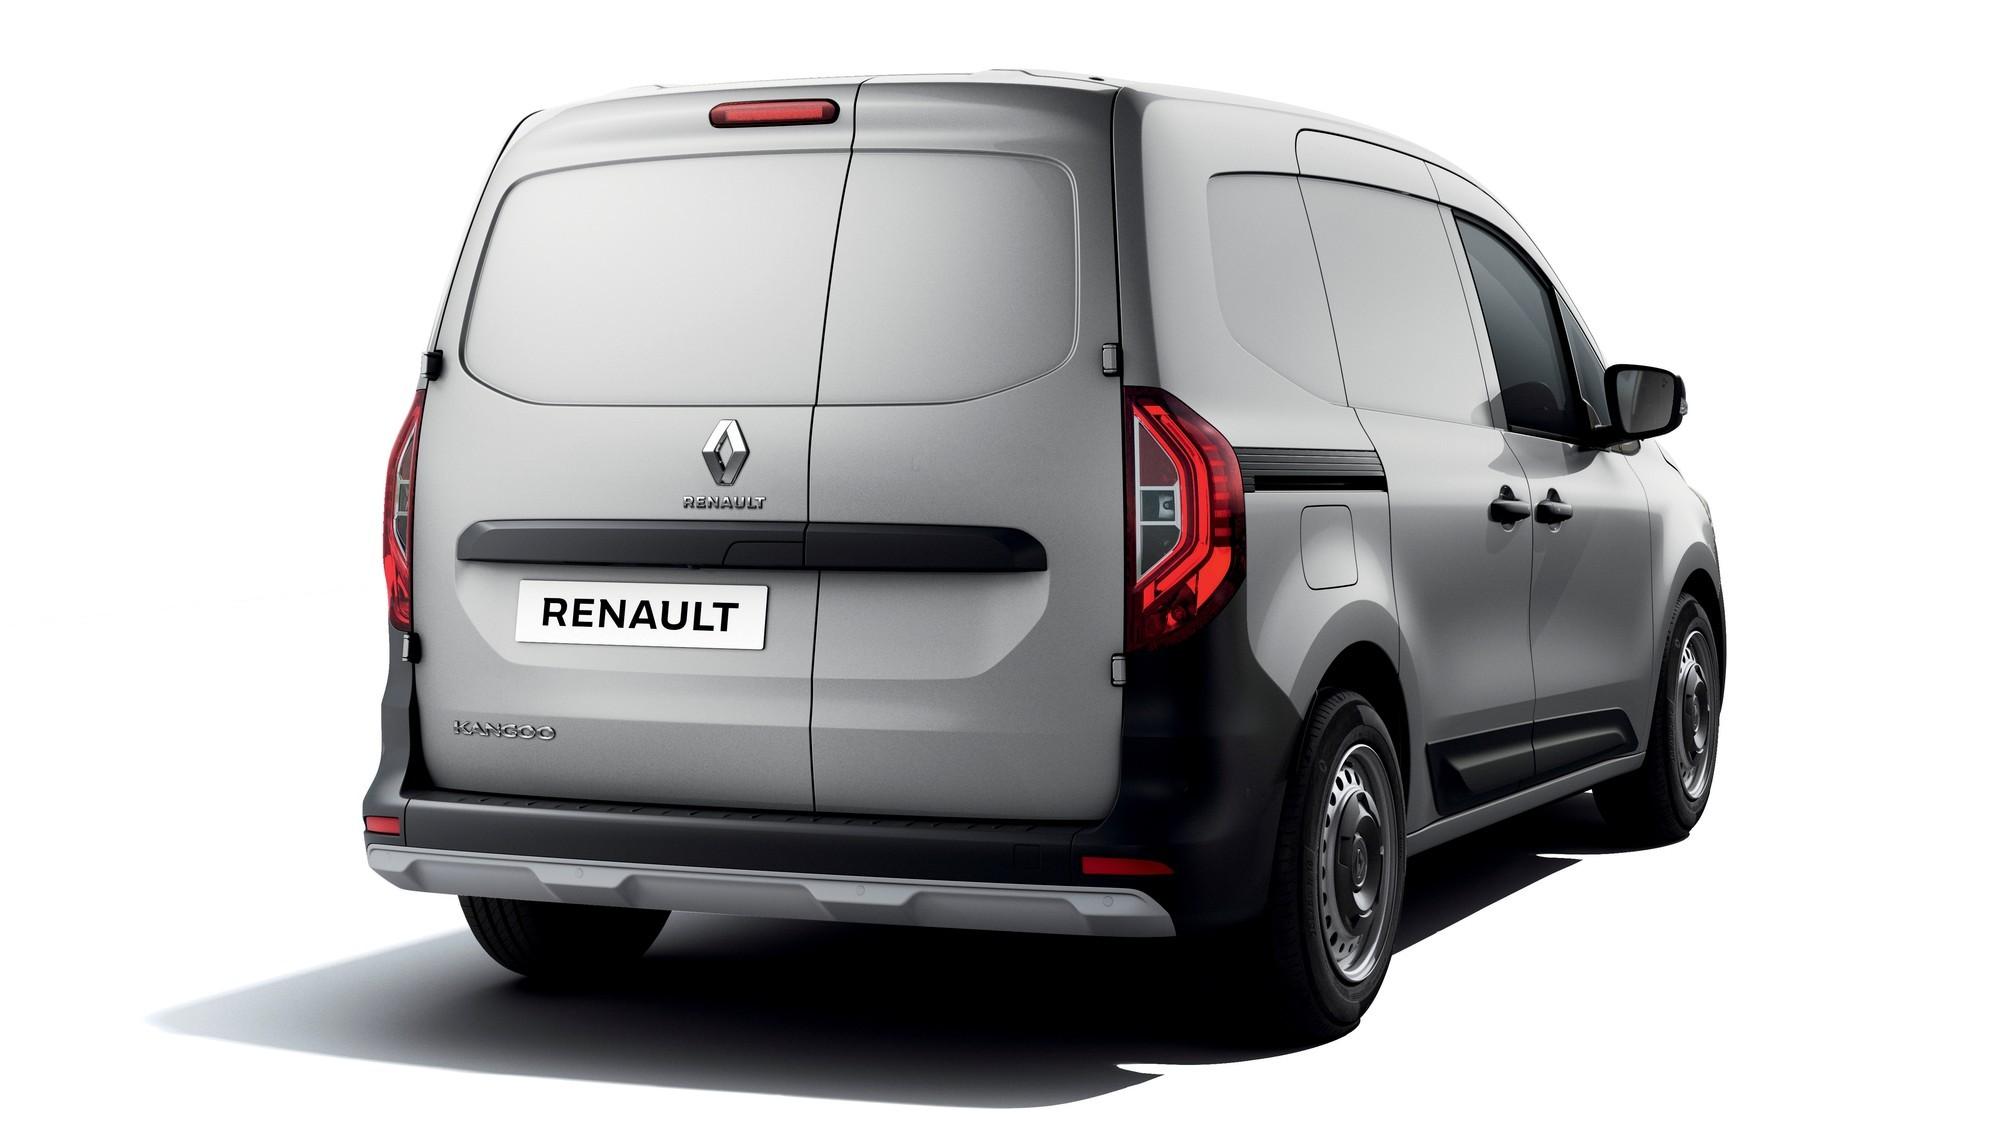 Подробности о новом Renault Kangoo: гигантская «дыра» сбоку и лестница в кузове